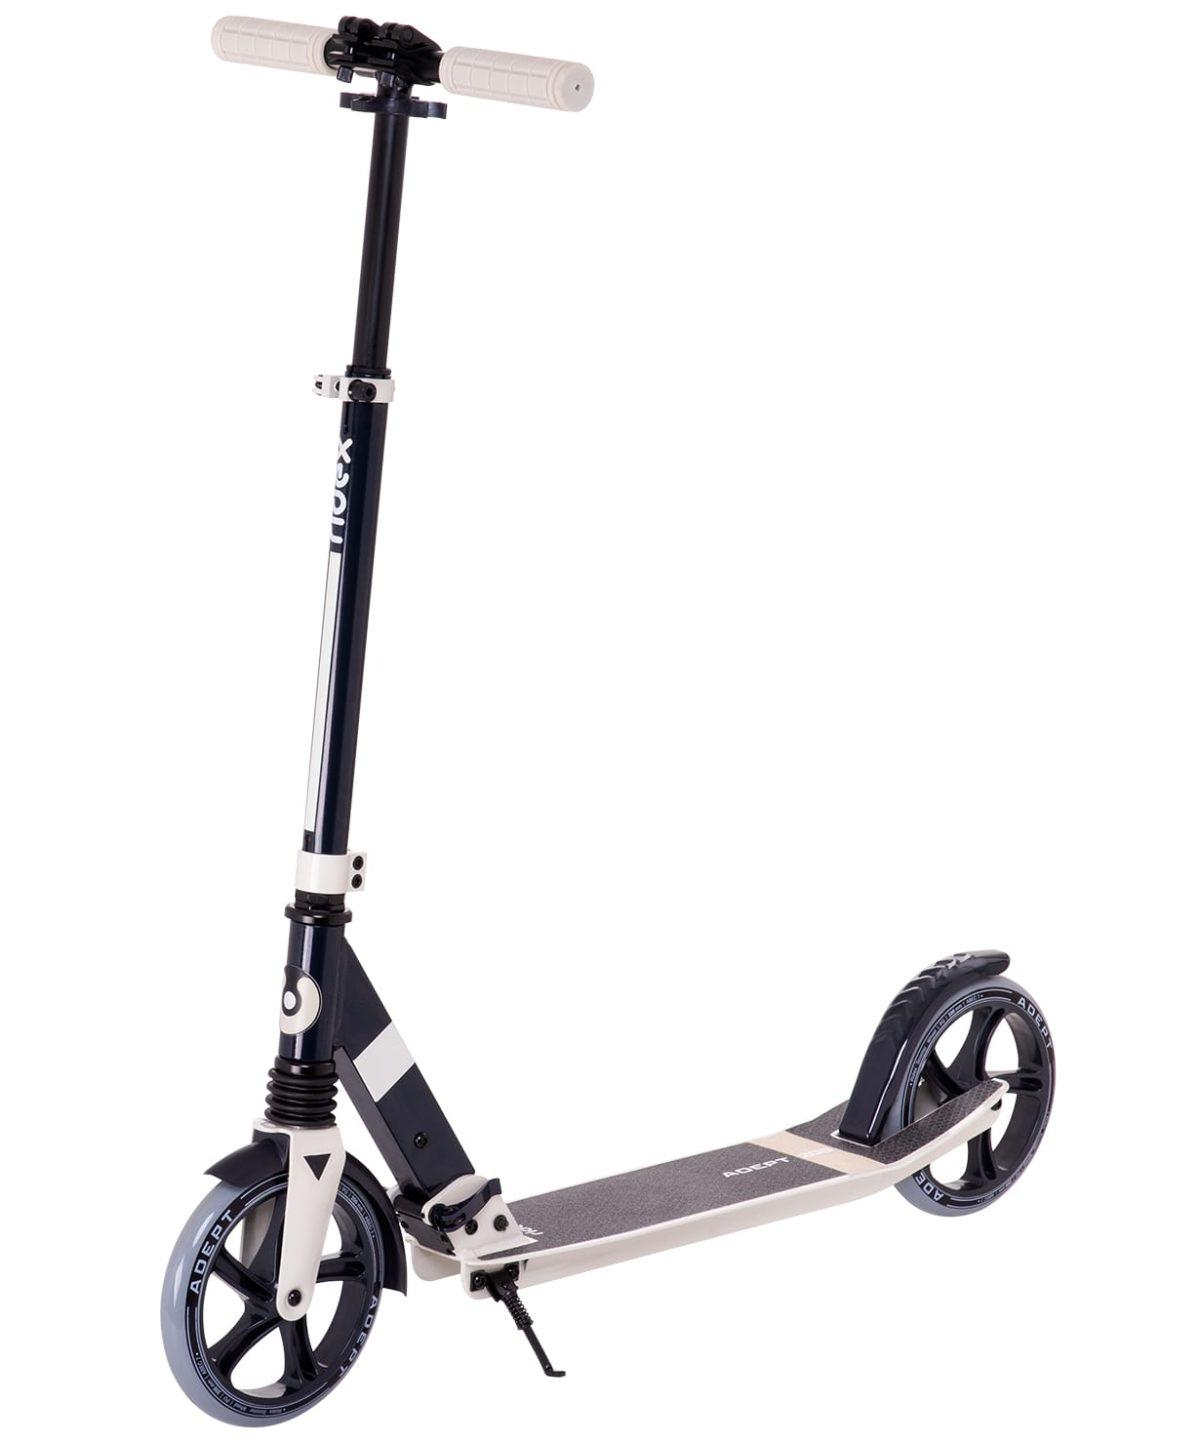 RIDEX Adept Cамокат 2-х колесный 200 мм  Adept: бежевый - 2